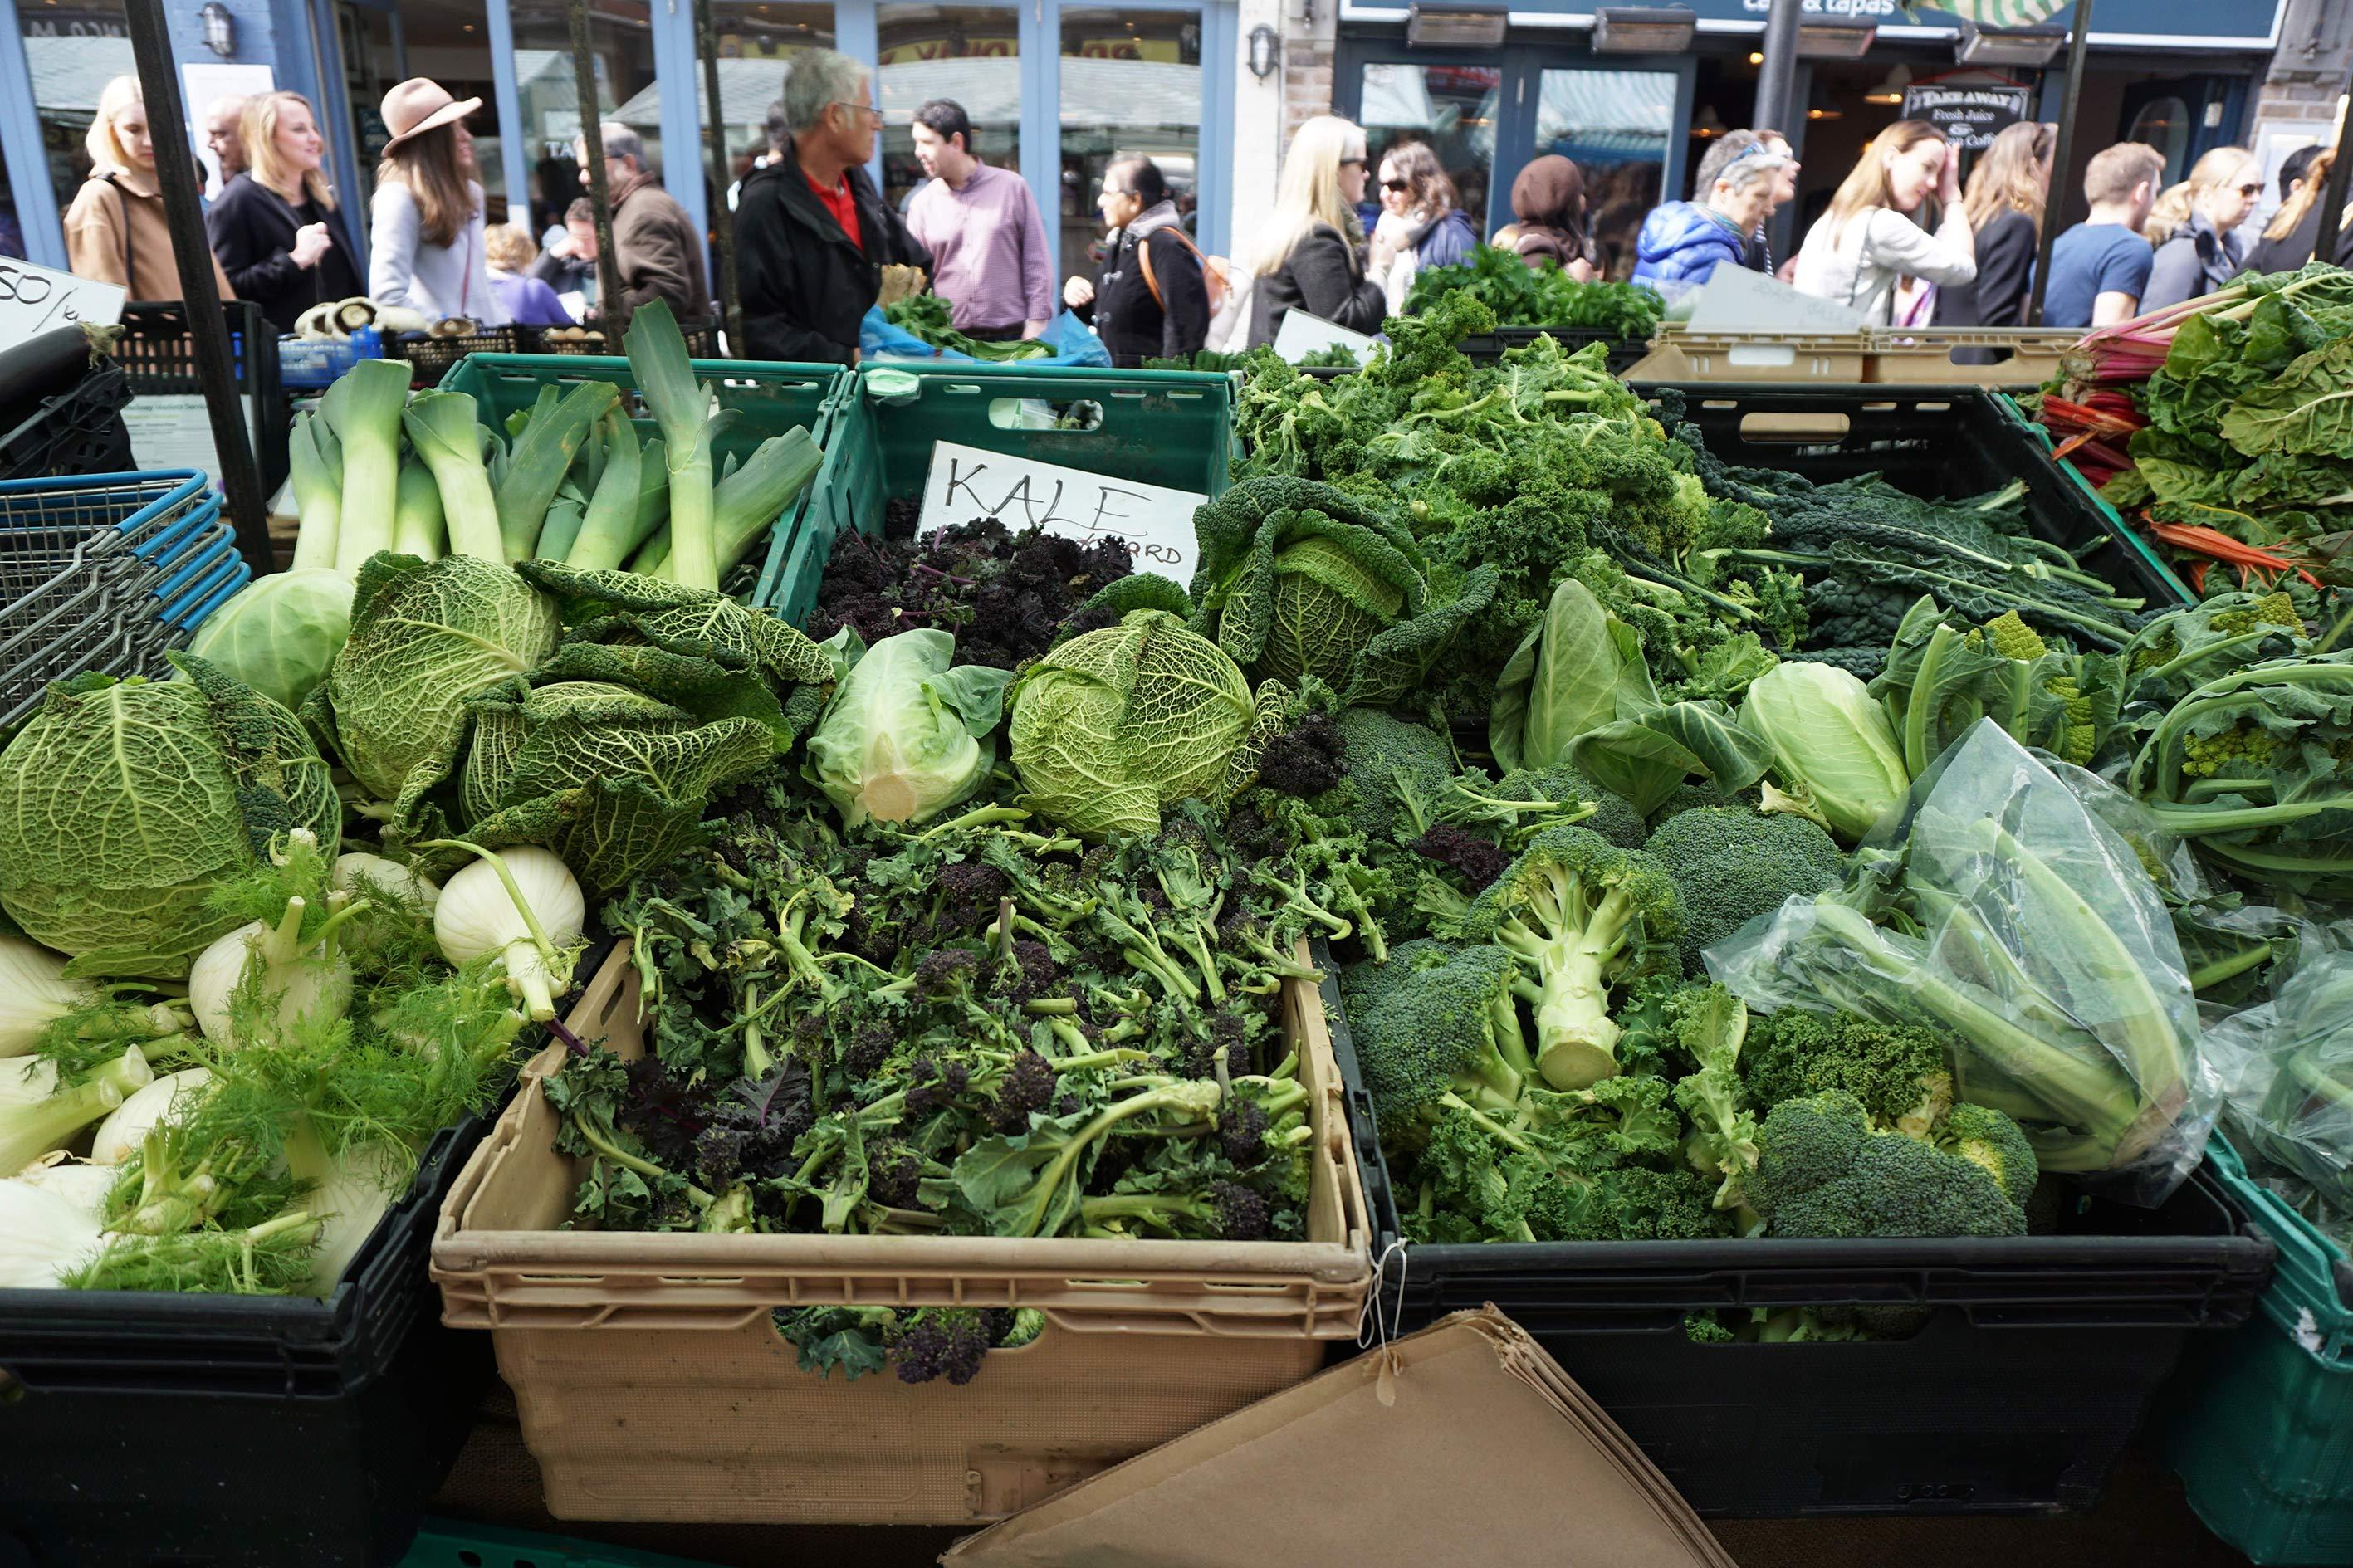 greens at market